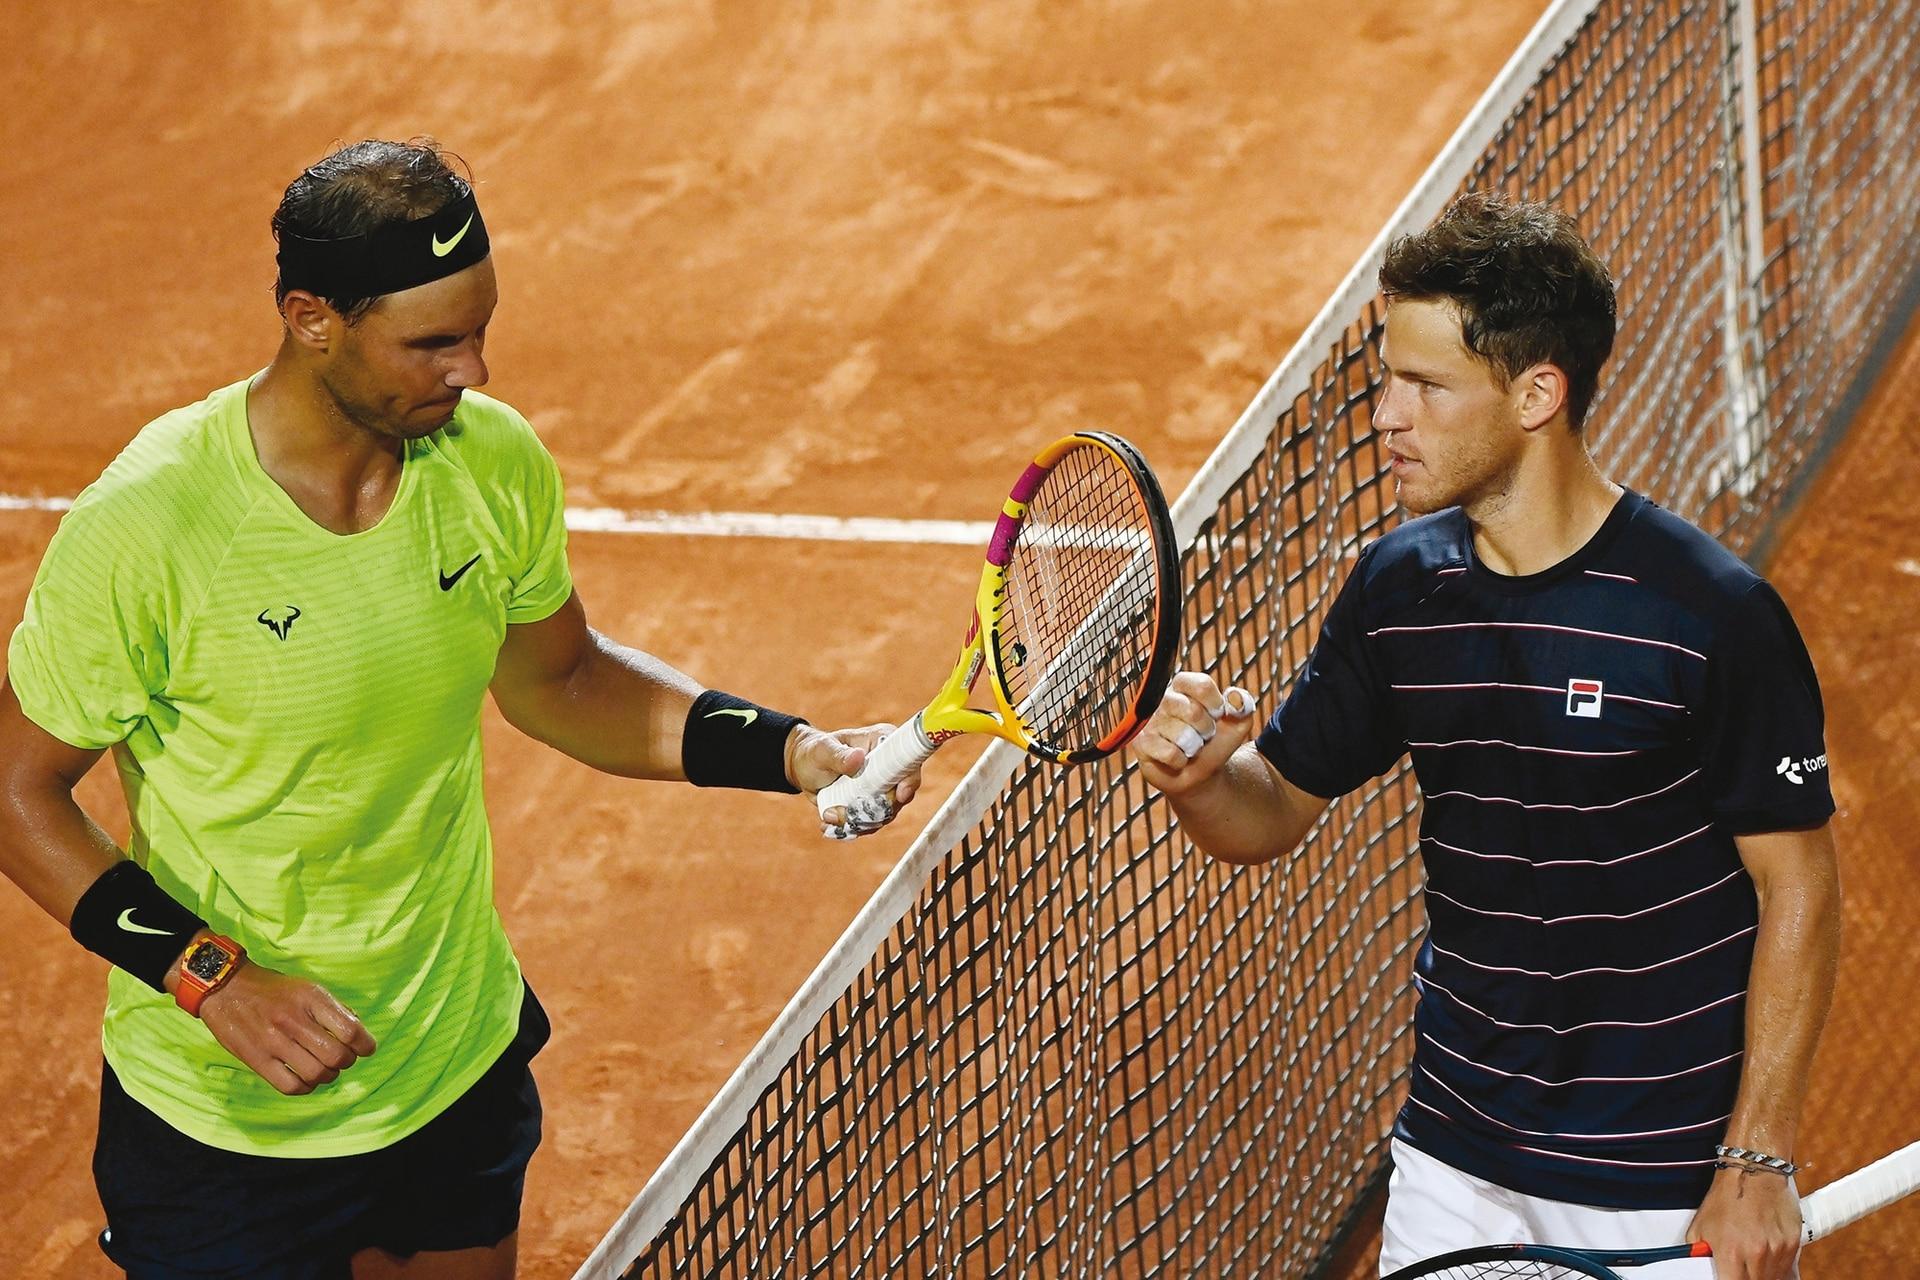 El gran golpe: Schwartzman saluda a Nadal tras vencerlo por primera vez en su carrera; fue en los cuartos de final del Masters 1000 de Roma, en septiembre pasado.